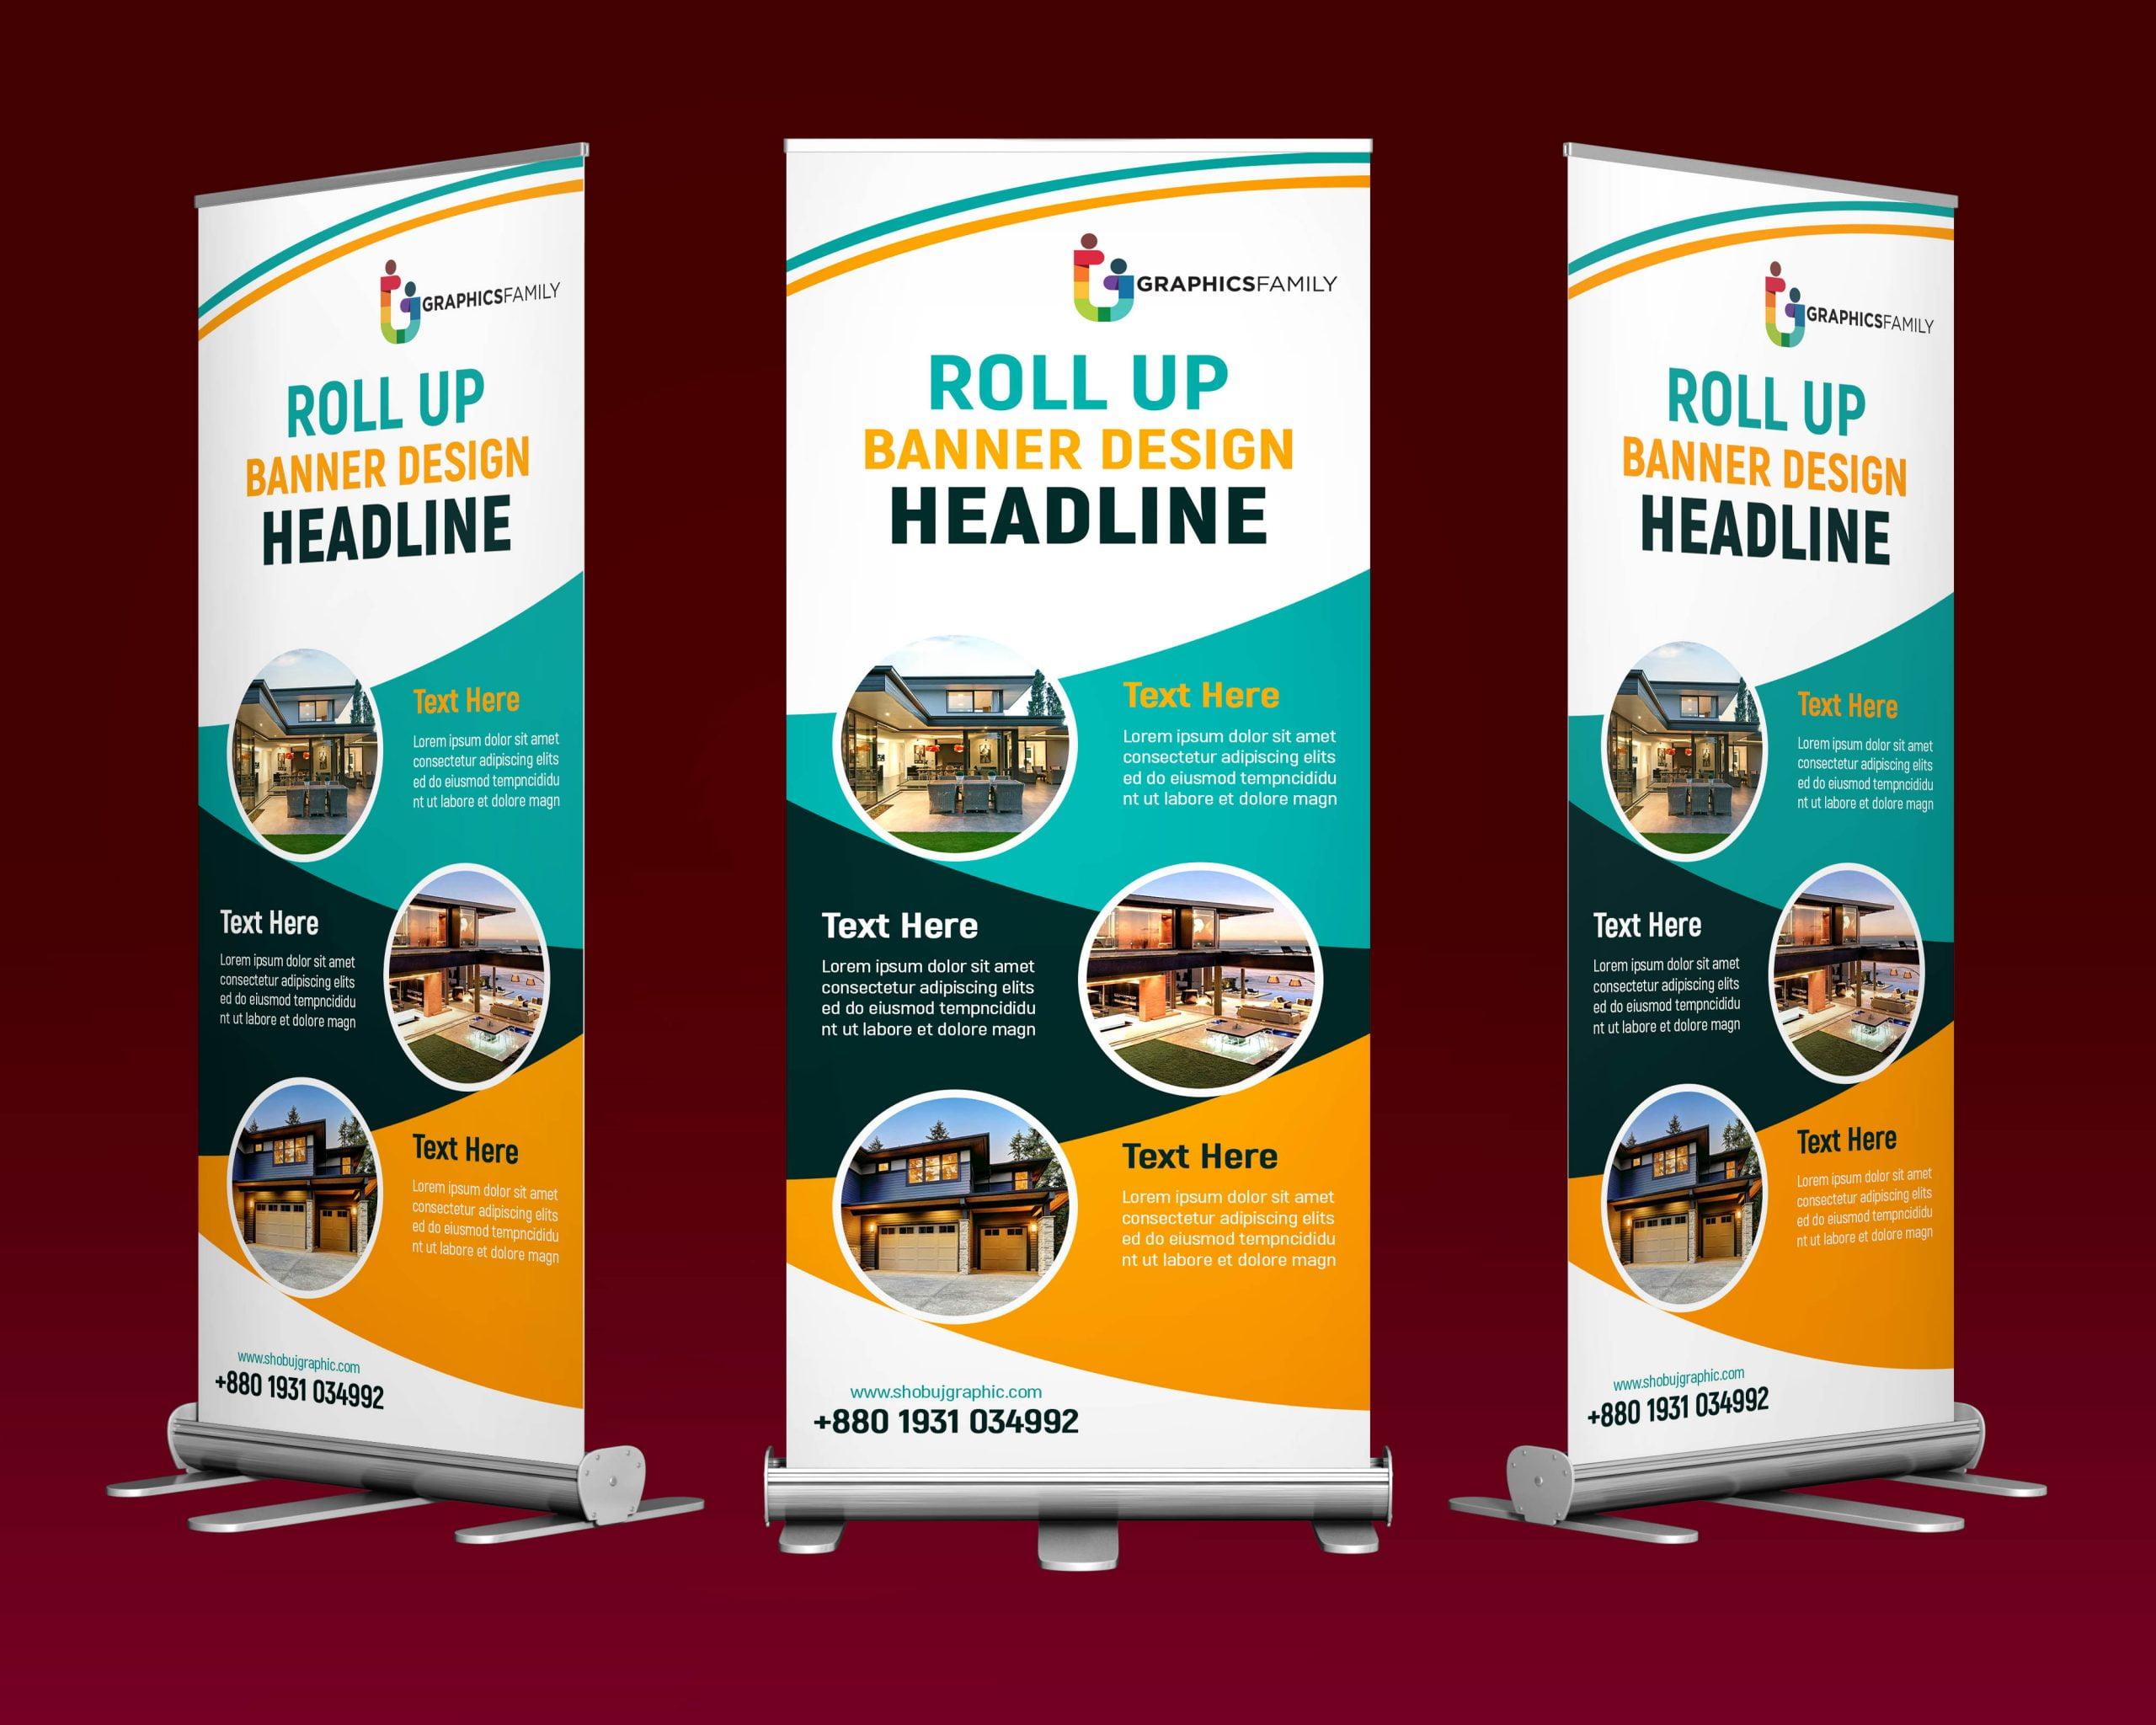 Business roll up design standard banner template psd